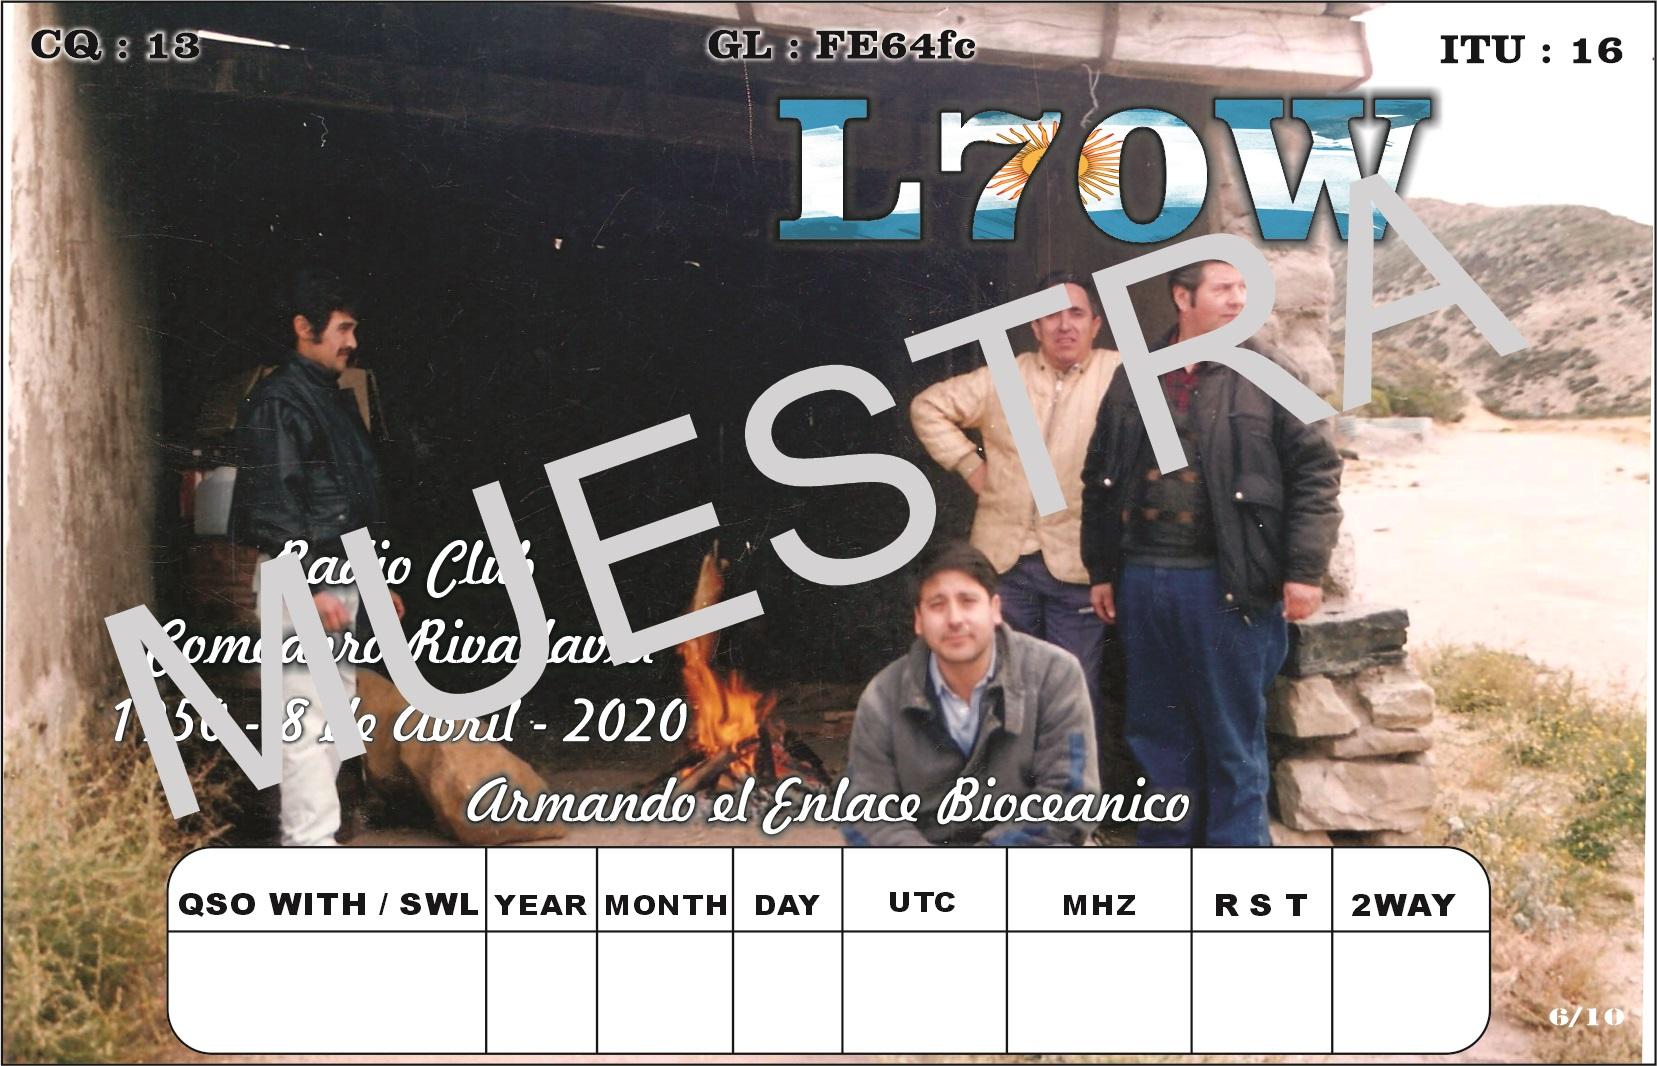 LU2 WA Muestra 6bis - L70W